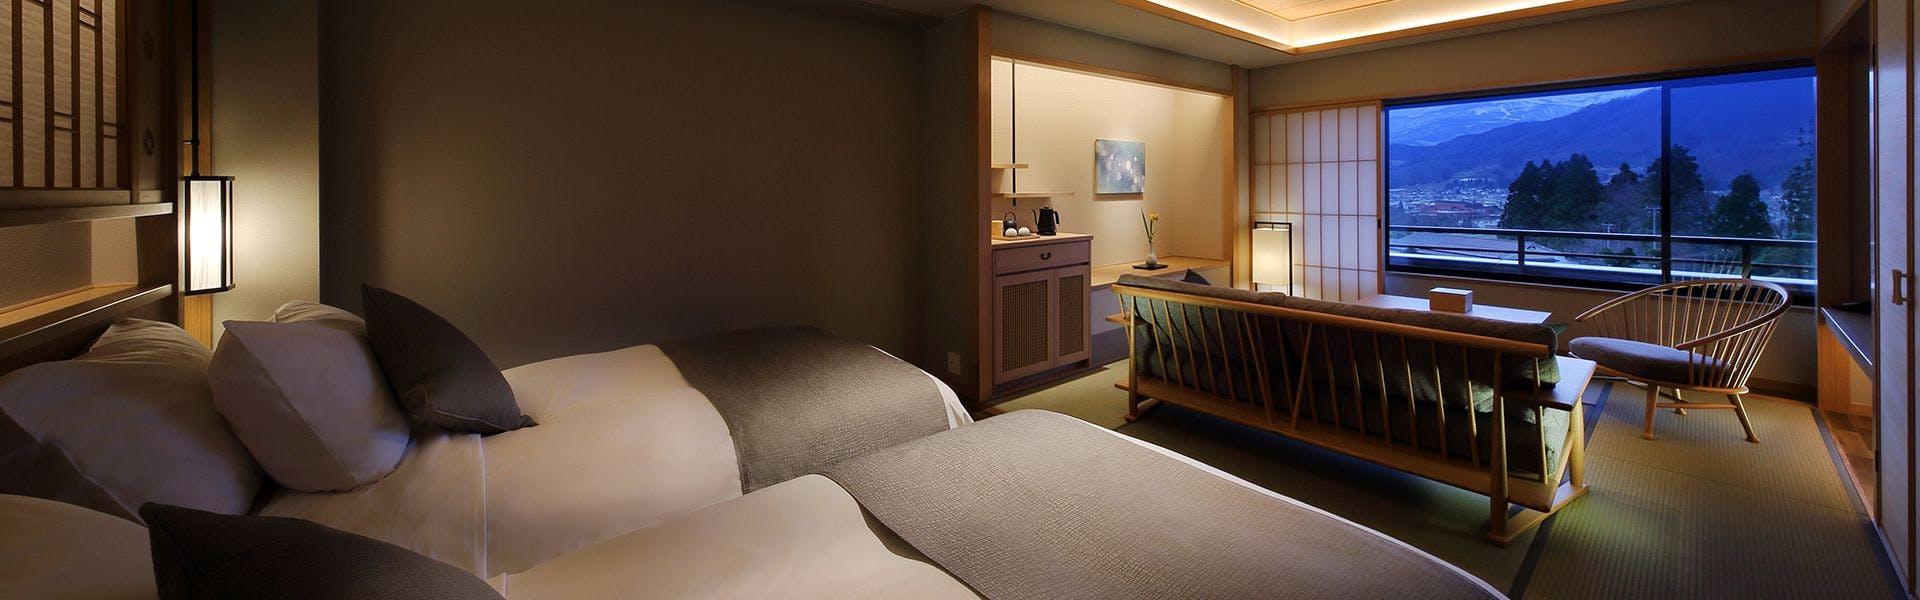 記念日におすすめのホテル・日本の宿 古窯の写真1